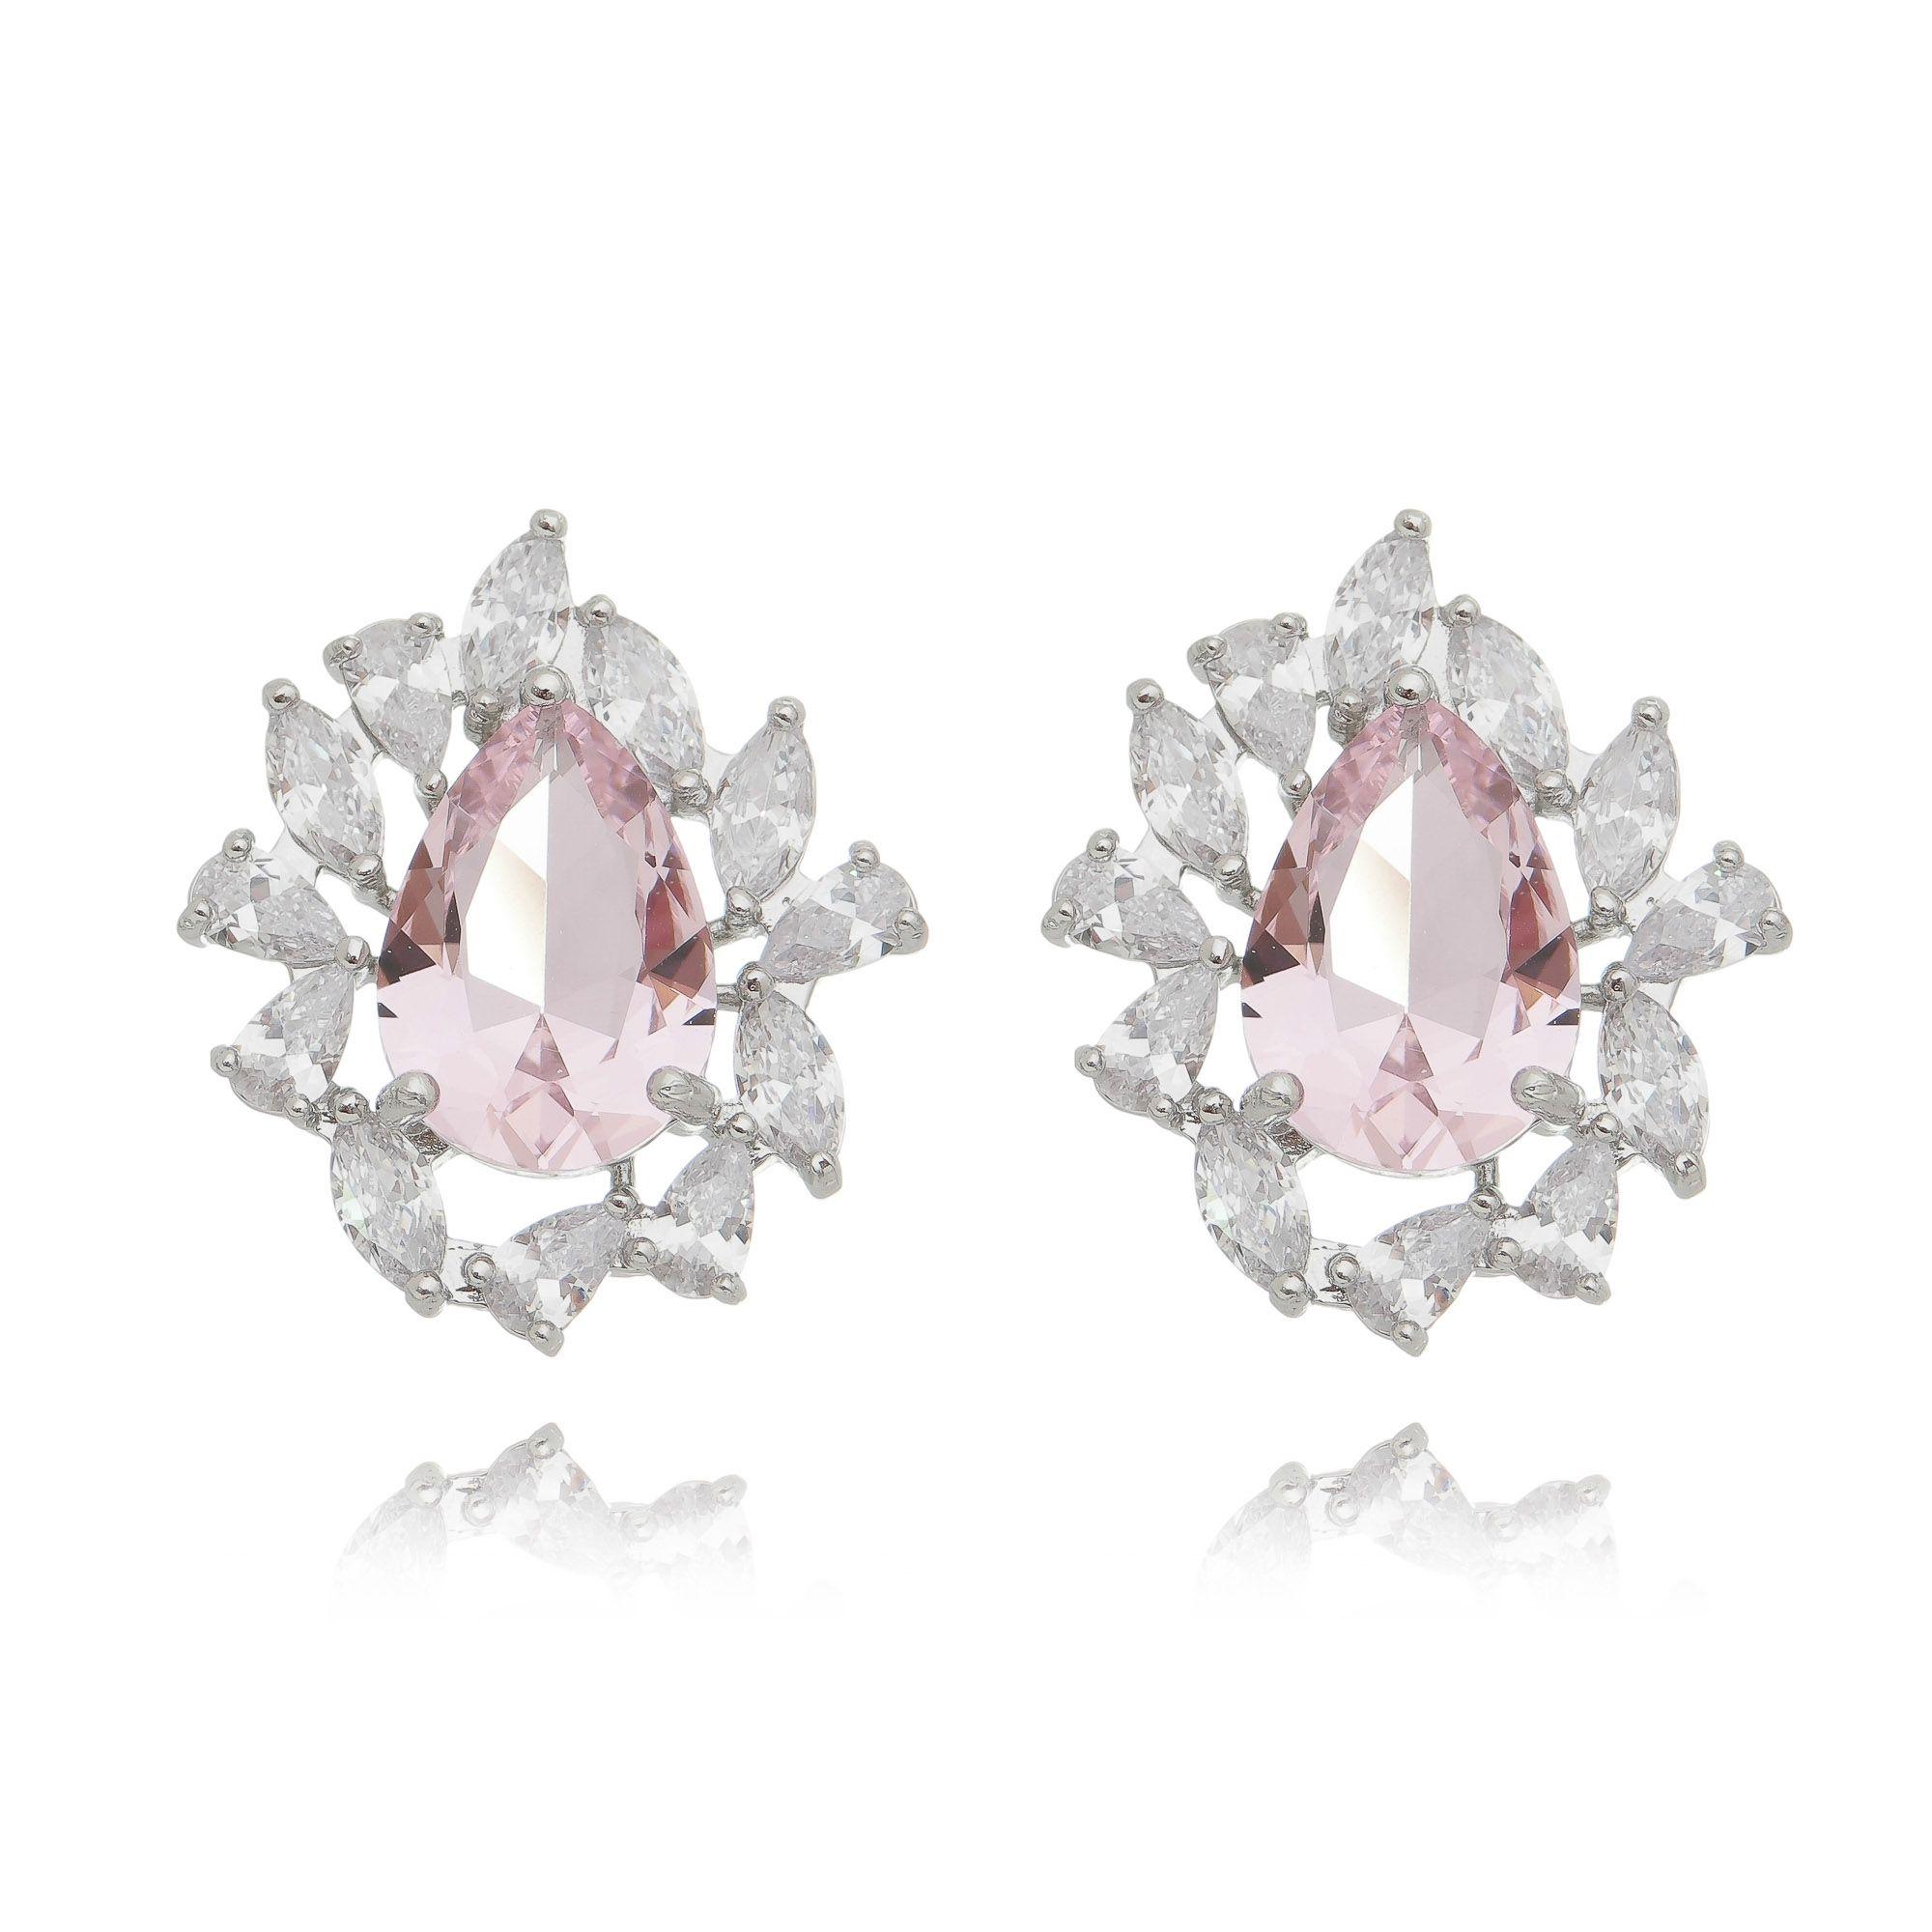 Brinco Gota Rosa e Zircônia Branca Luxo Semijoia Ródio Branco  - Soloyou